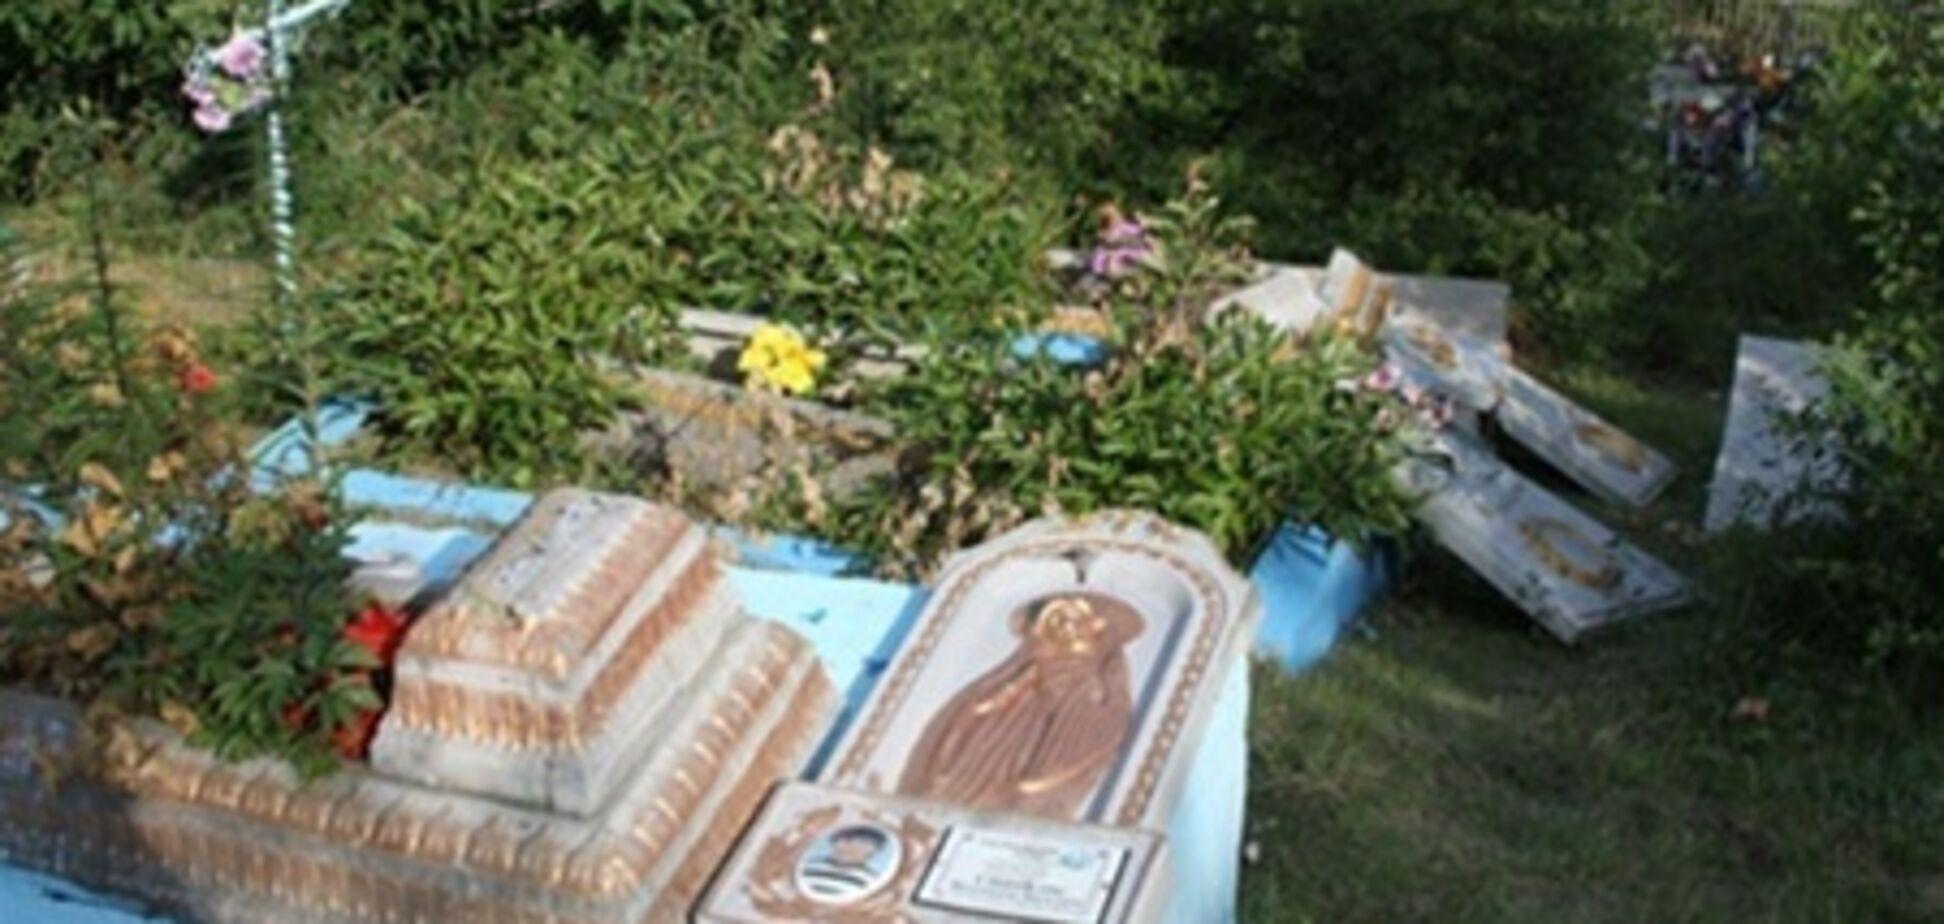 На Вінниччині малолітні діти розгромили 29 надгробків - шукали цукерки